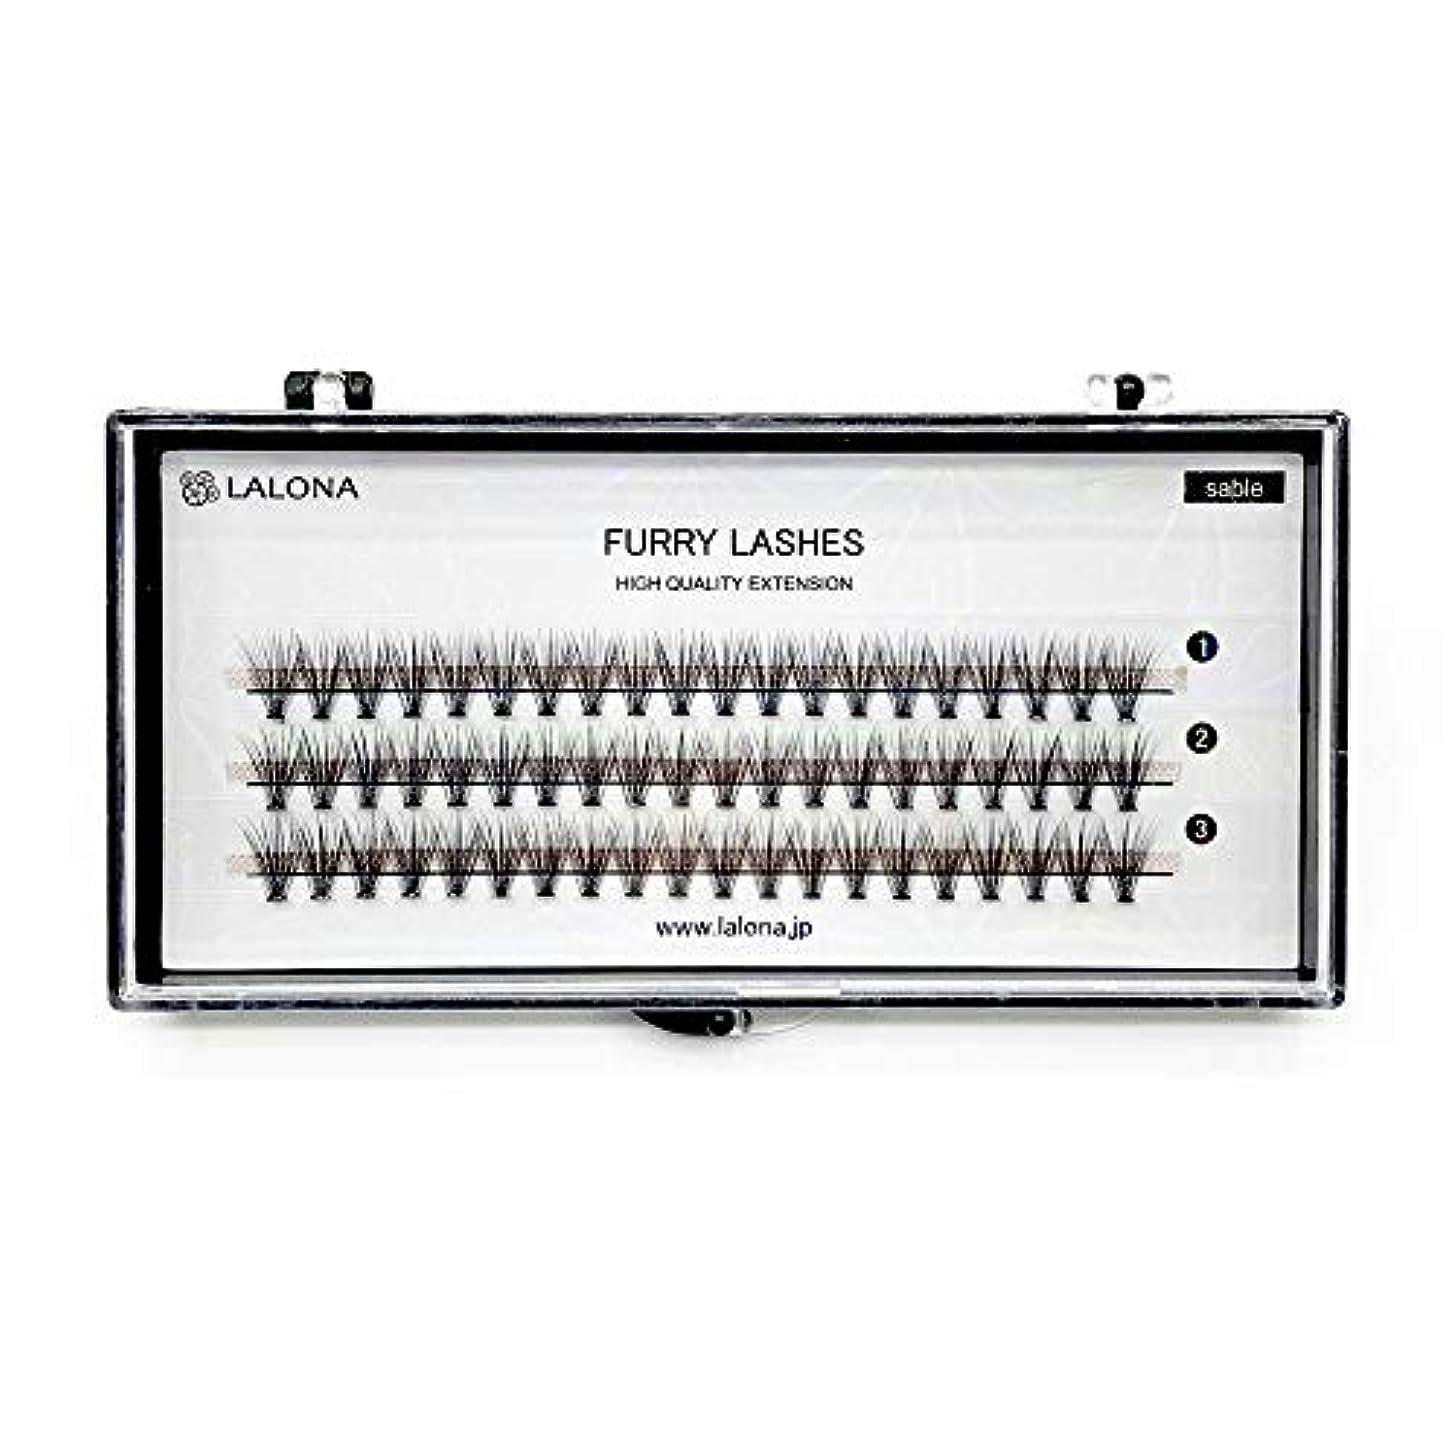 ラメイノセンスバイナリLALONA [ ラローナ ] ファーリーラッシュ (30D) (60pcs) まつげエクステ 30本束 フレアラッシュ まつエク マツエク 束まつげ セーブル (0.05 / MIX)